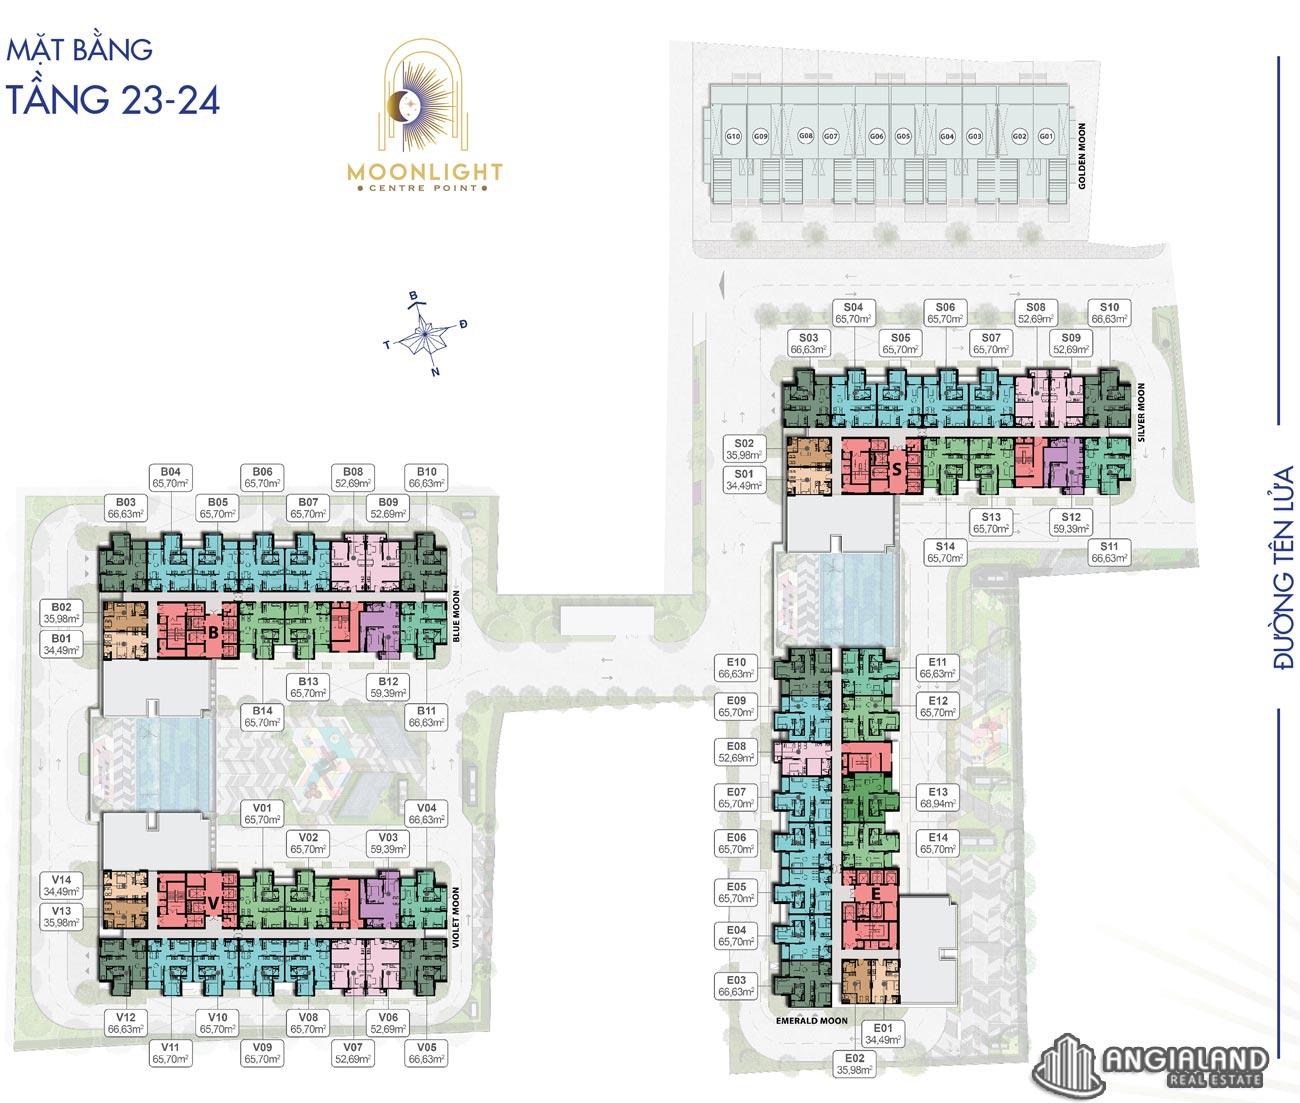 Mặt bằng tầng 23-24 căn hộ Moonlight Centre Point Hưng Thịnh Q.Bình Tân